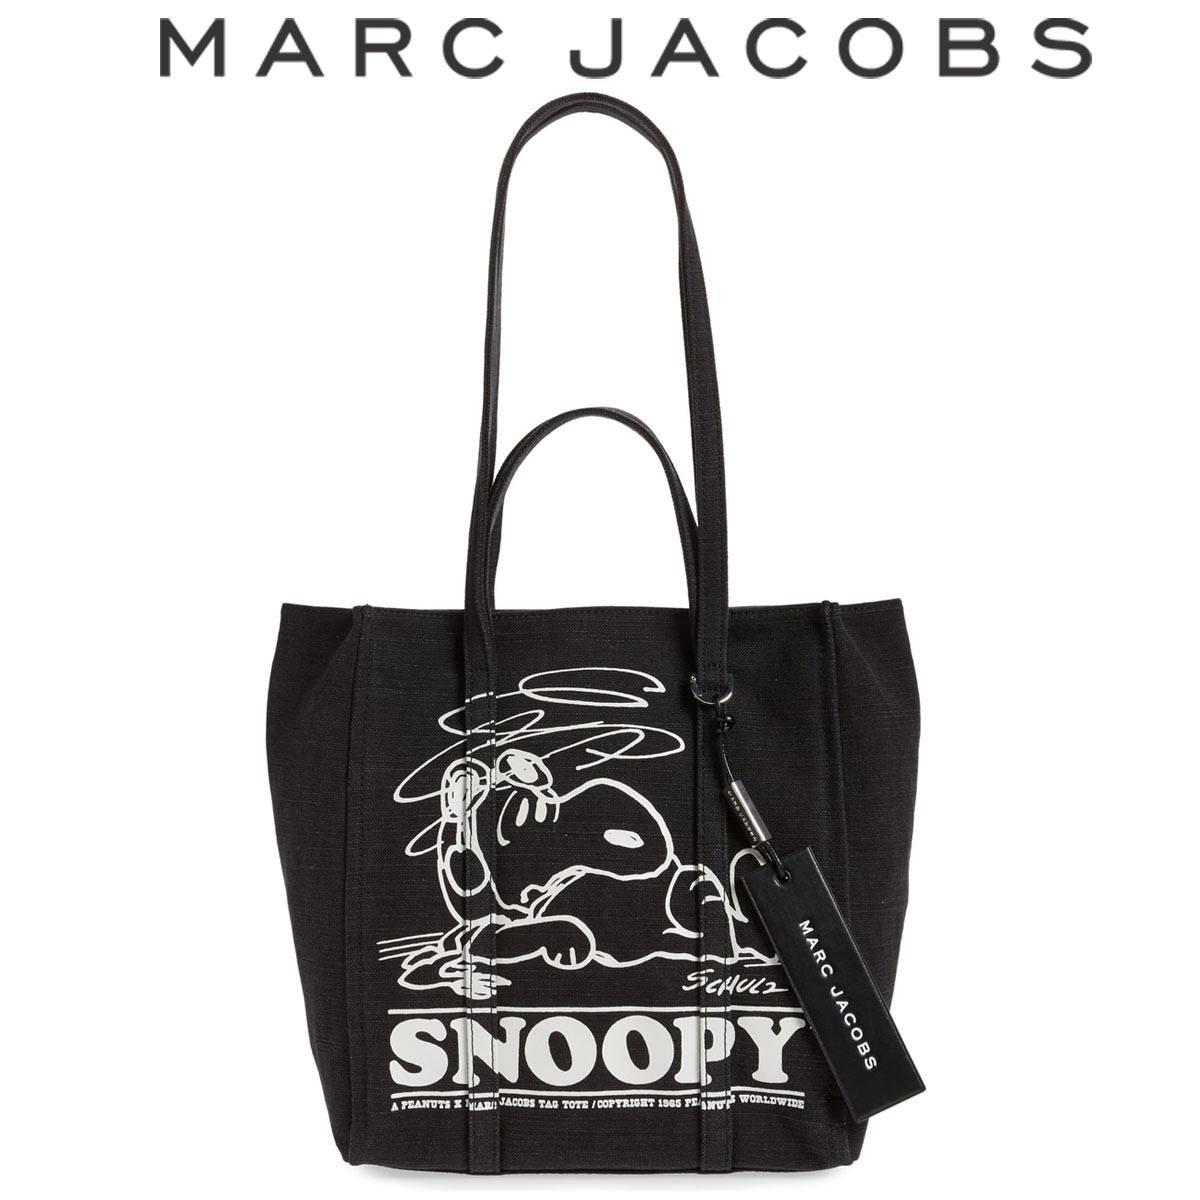 マークジェイコブス トートバッグ バッグ ショルダーバッグ スヌーピー ピーナッツ レディース 軽い ブランド MARC JACOBS